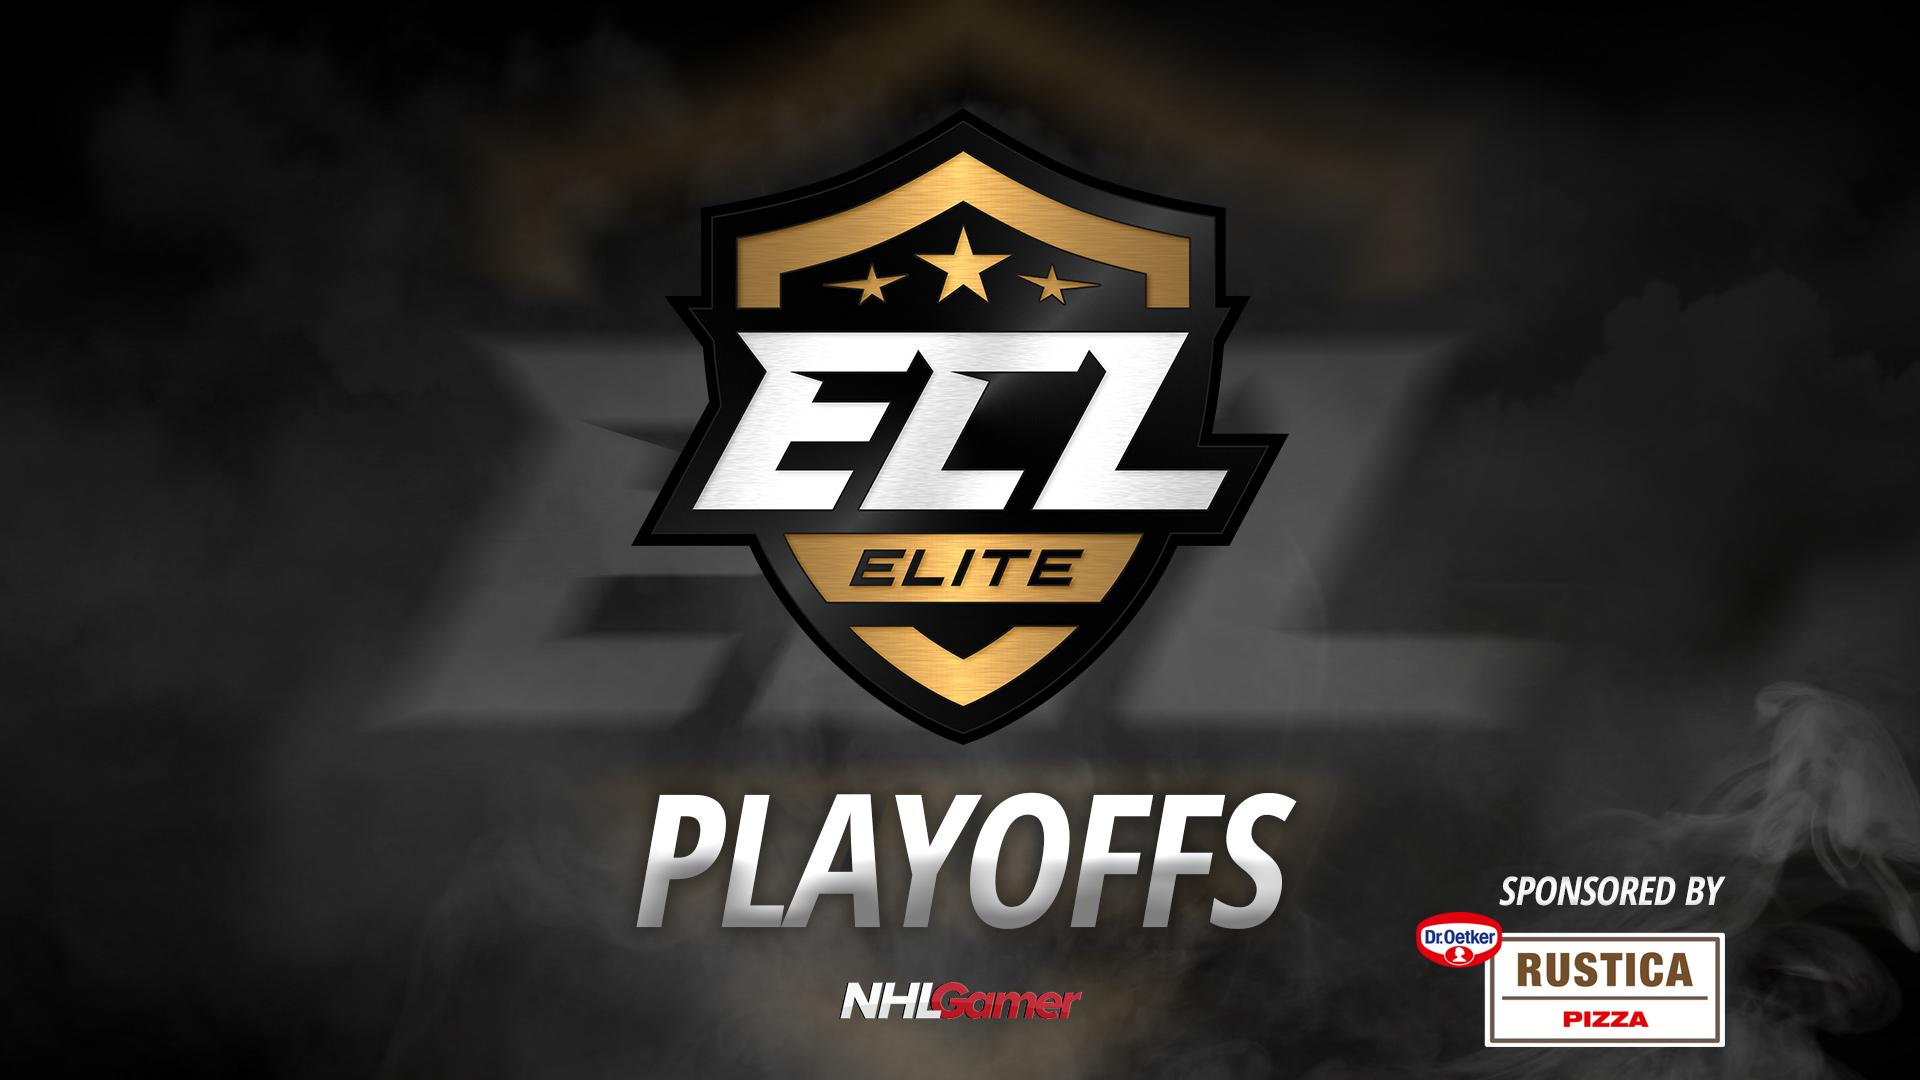 ECL_Elite_Playoffs.jpg